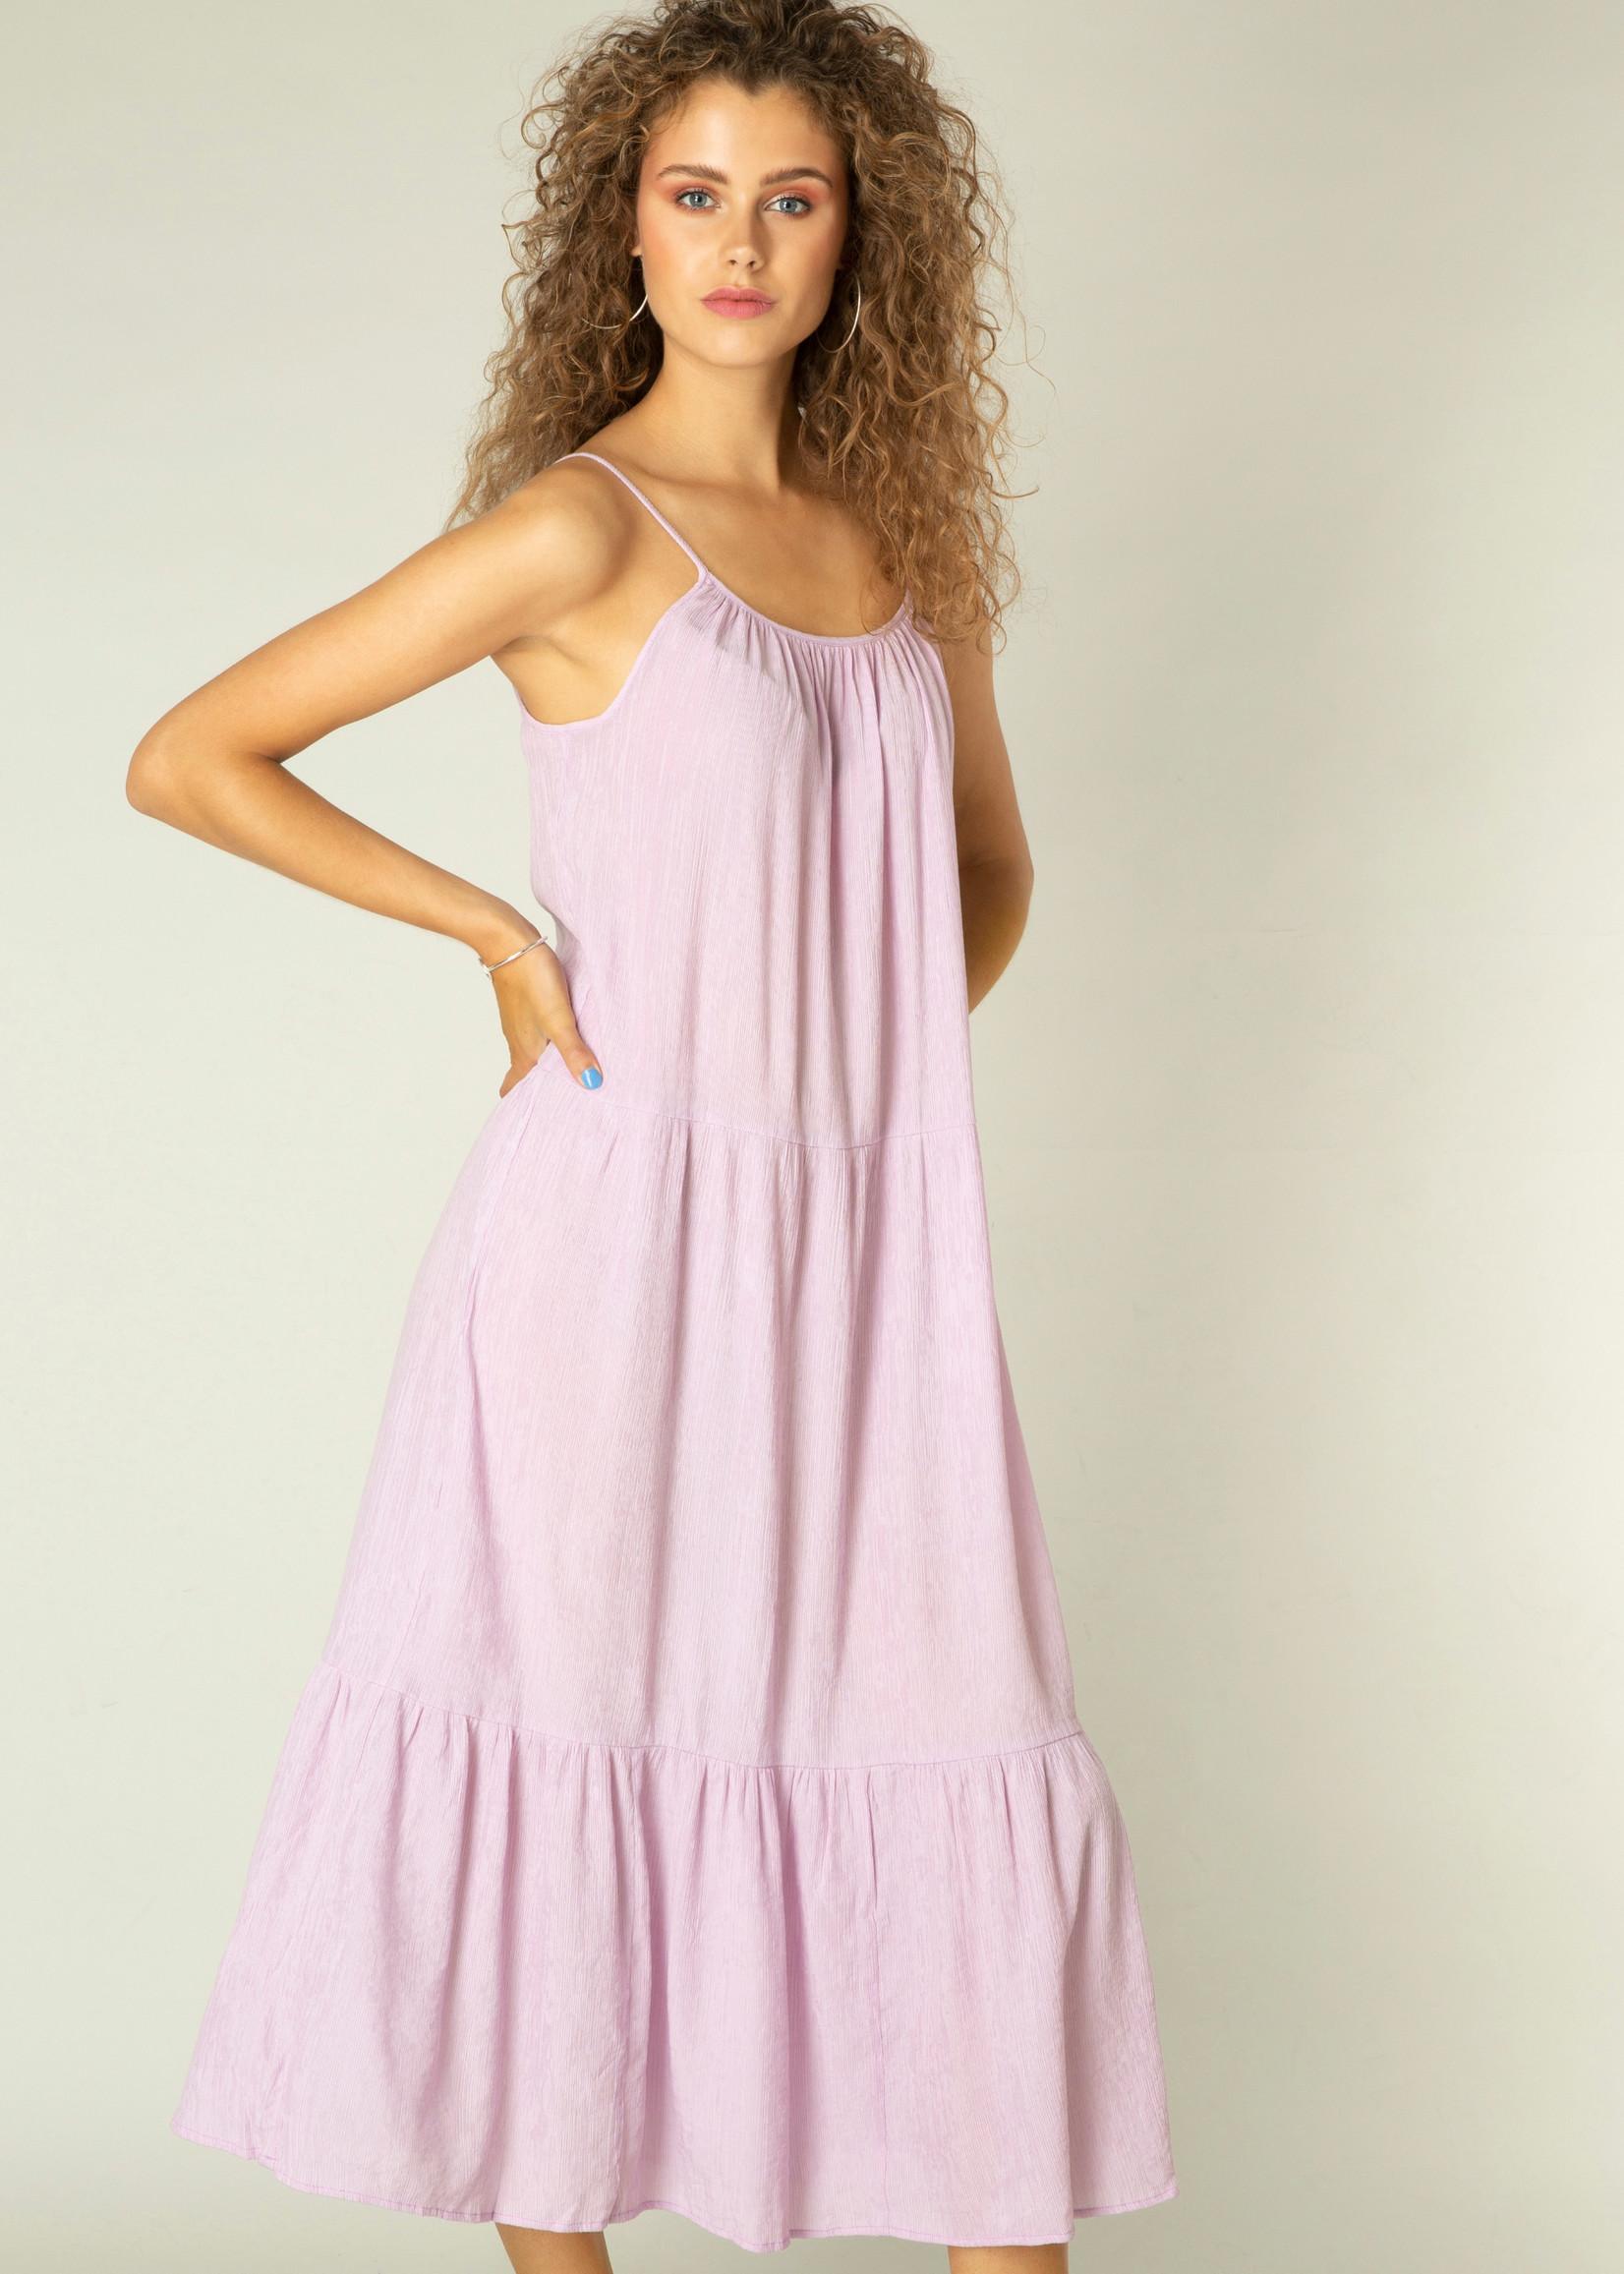 Yest Yest Kiyani Dress